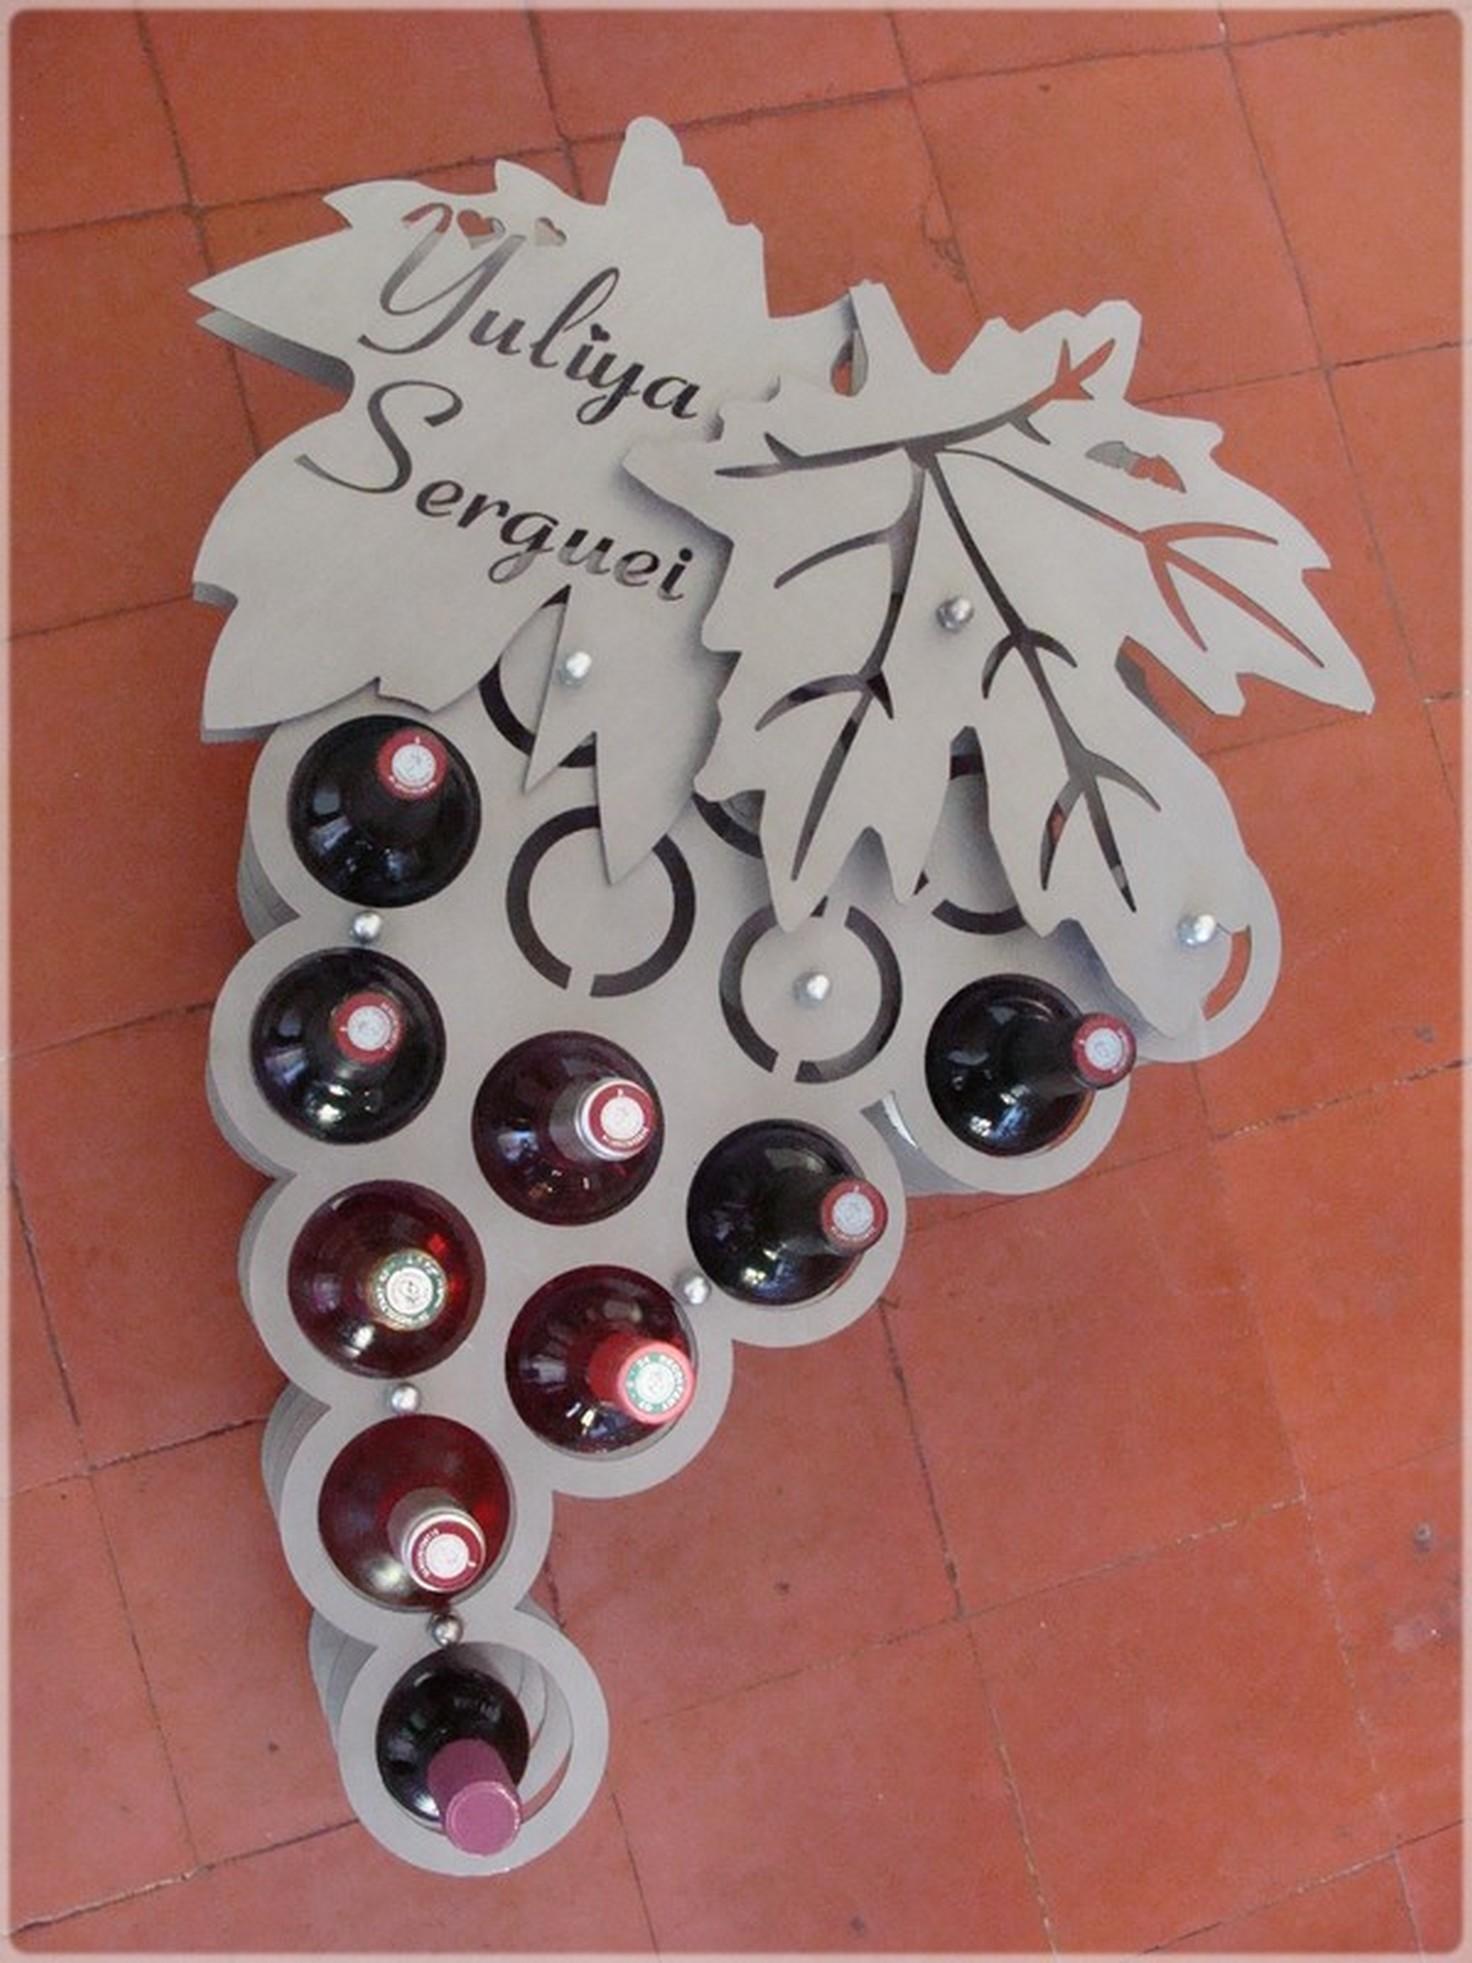 Déco de chais viticoles Occitanie